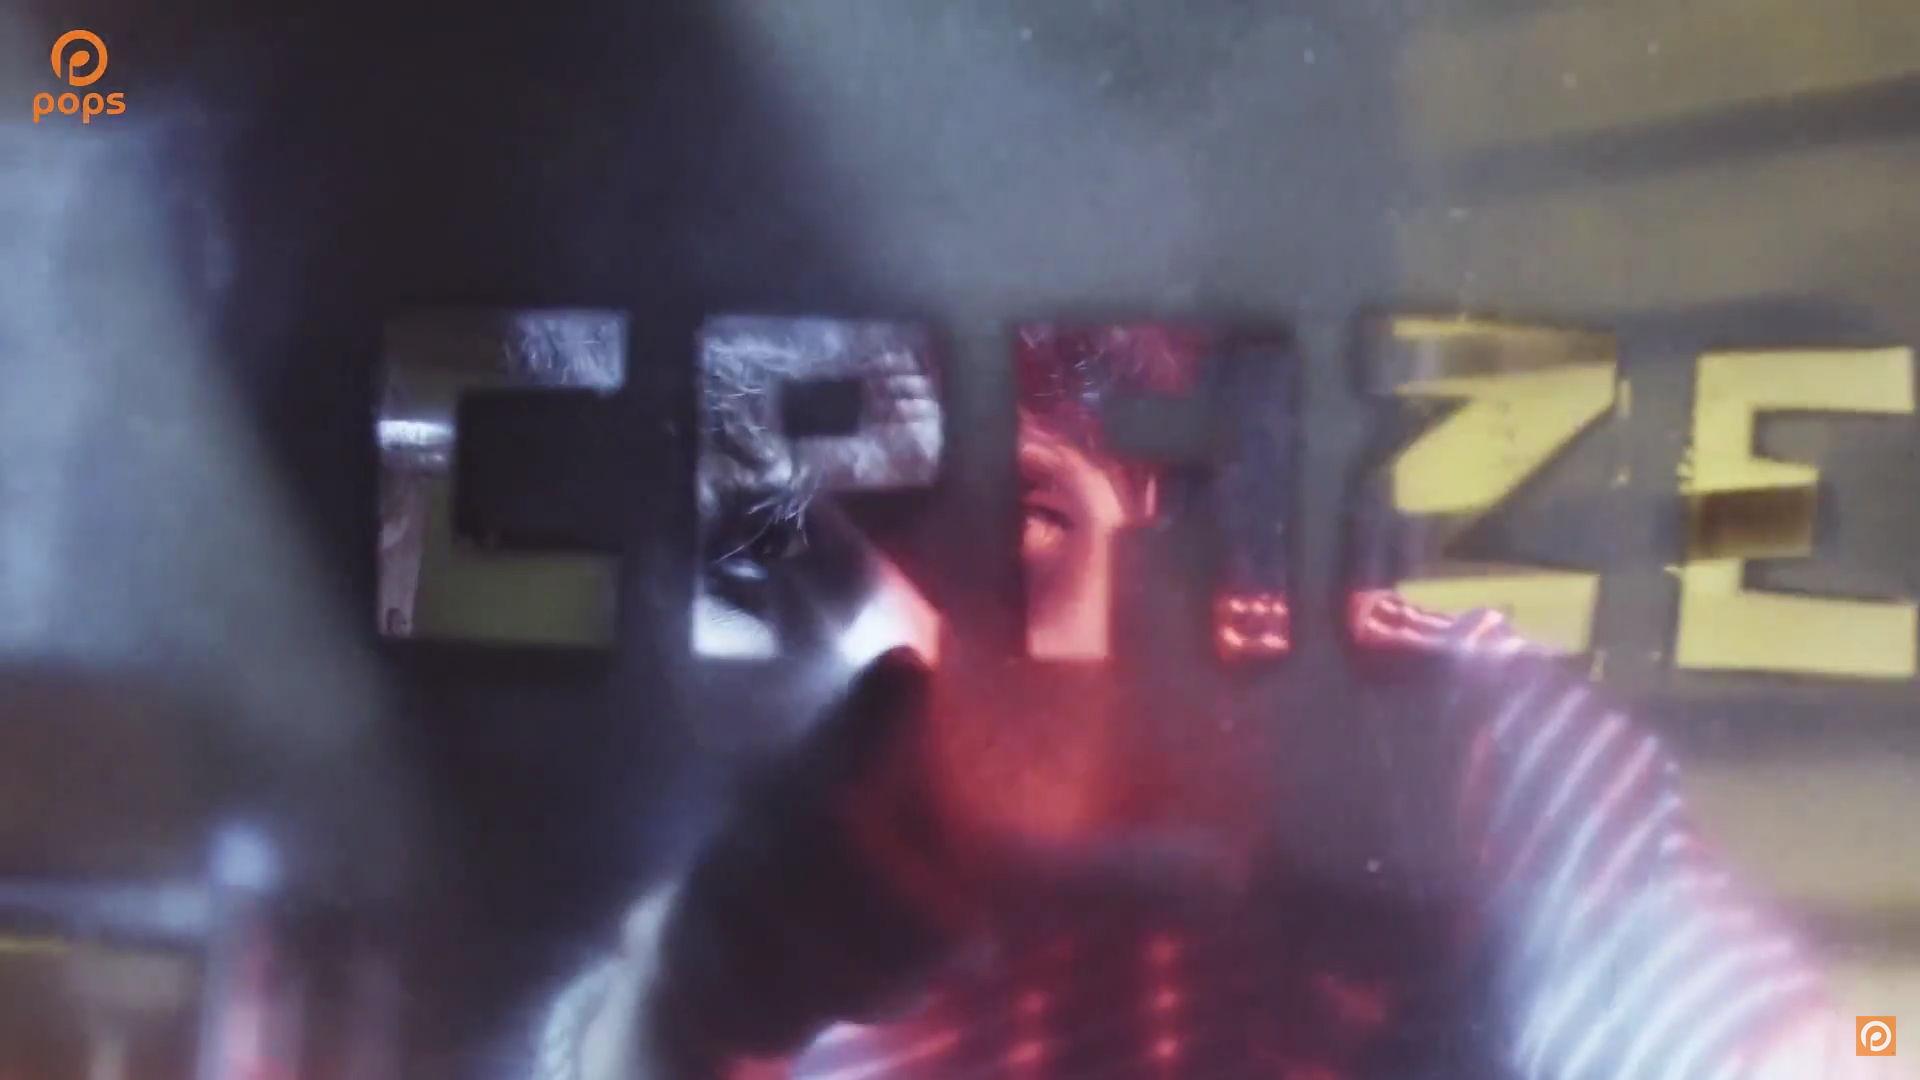 Châu Đăng Khoa Debuts MV With Karik - Craze